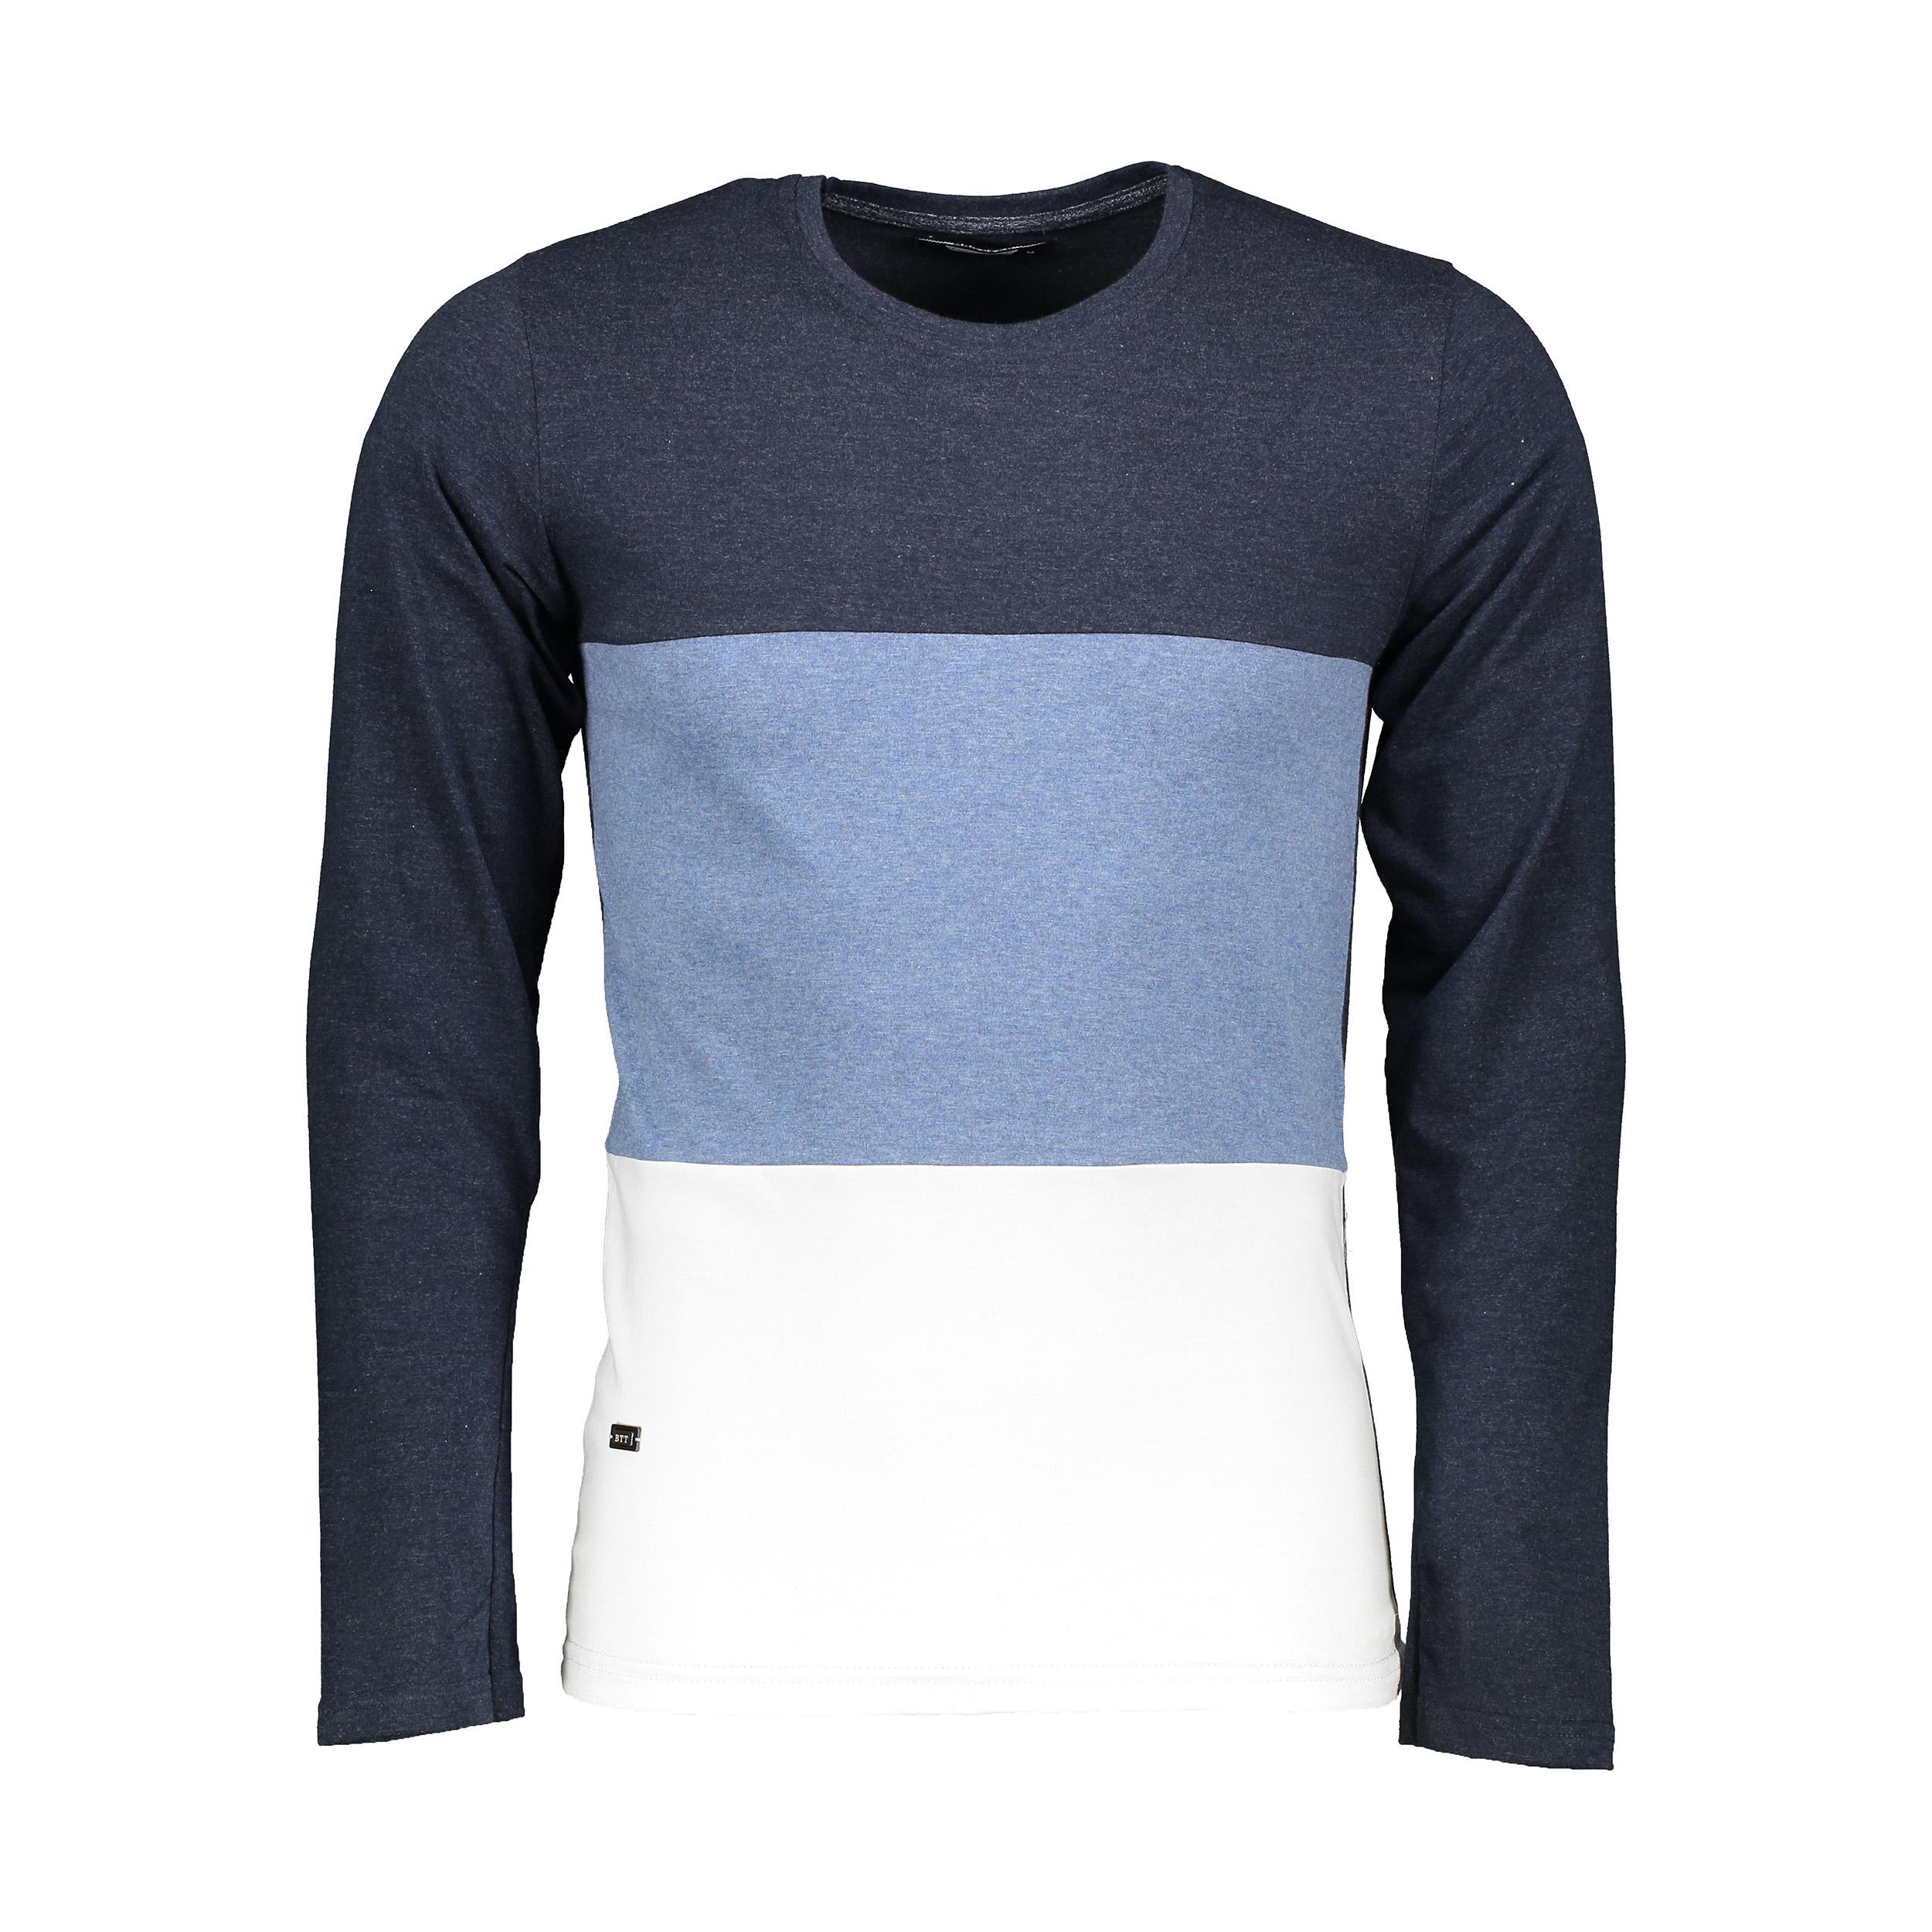 تی شرت آستین بلند مردانه بای نت کد 298-2